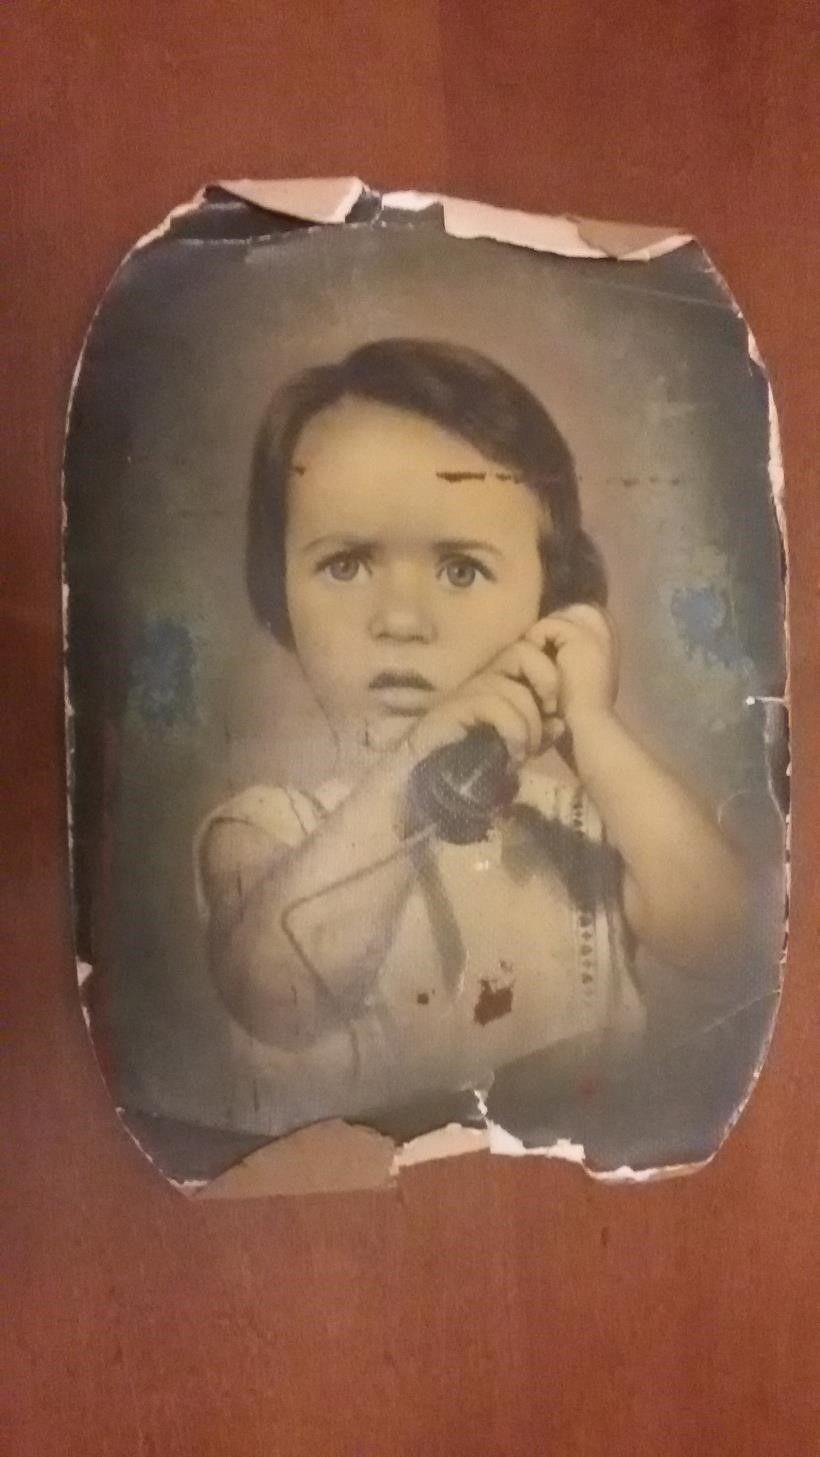 Fotografias pessoais: algumas dicas de preservação